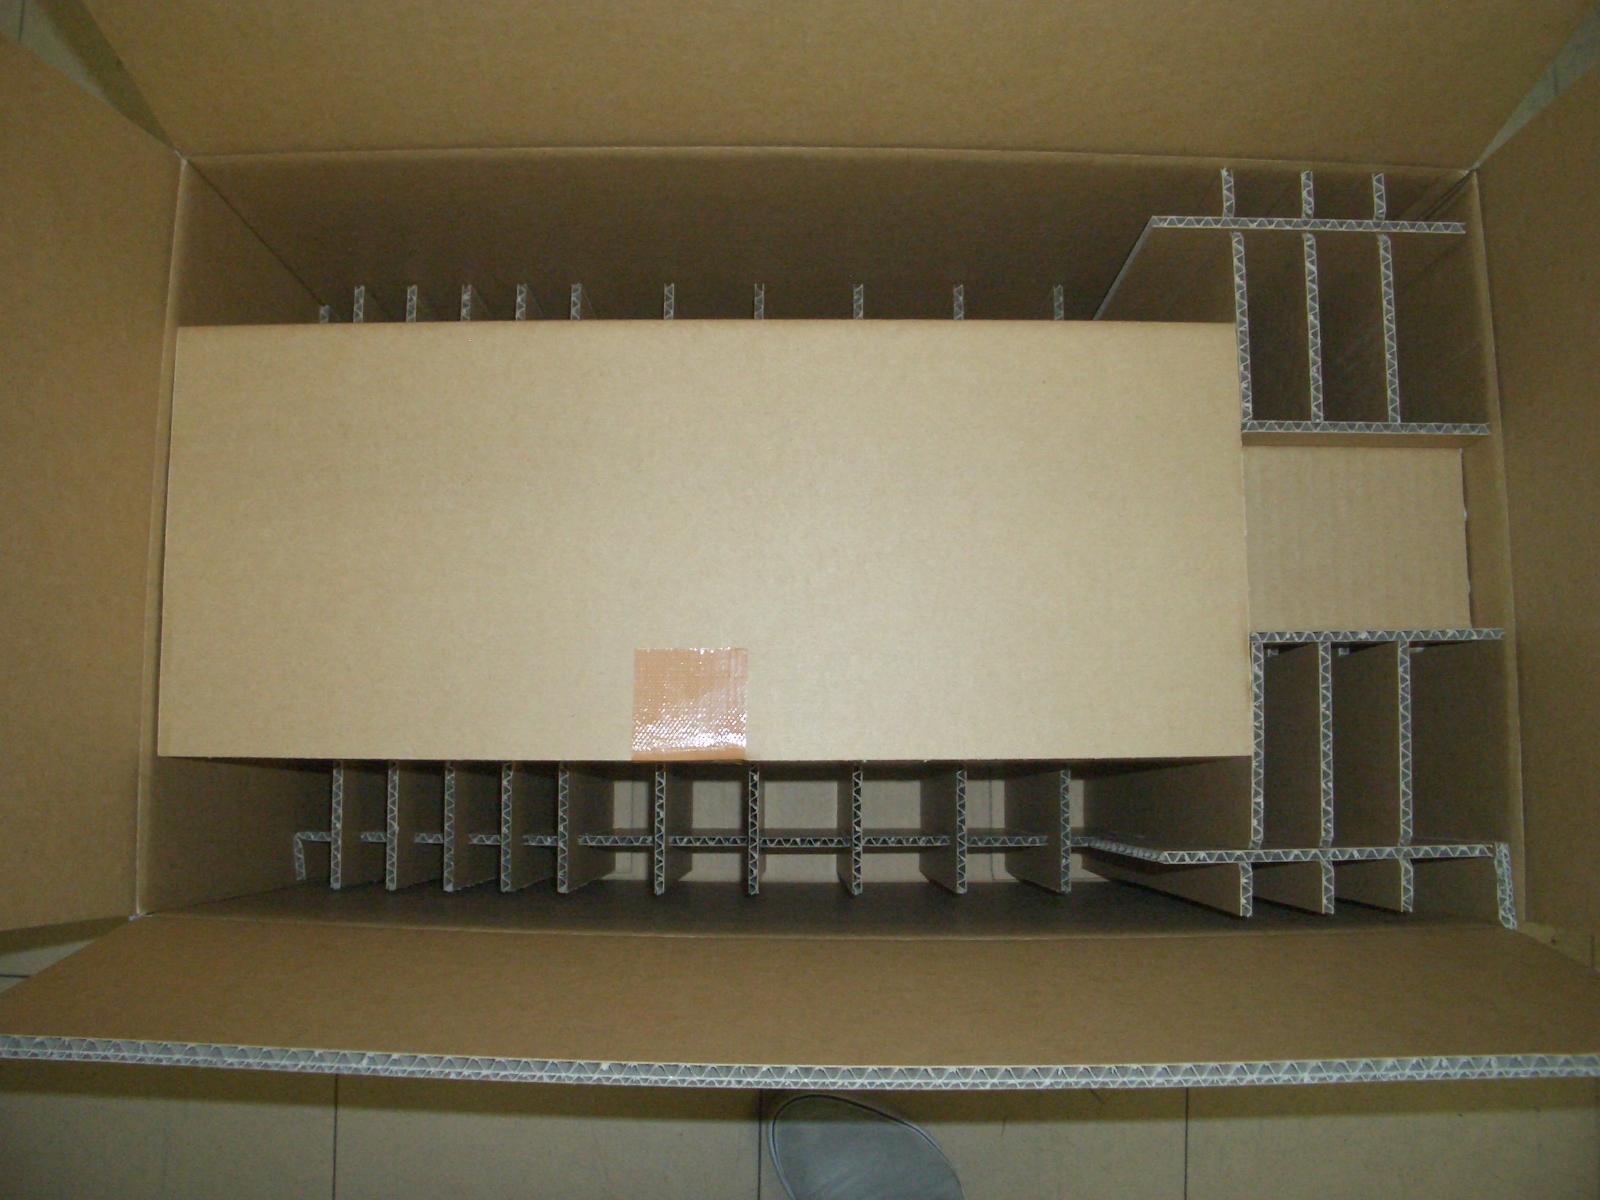 「プリント基板の5種集合 包装材・梱包材改善提案事例」の画像